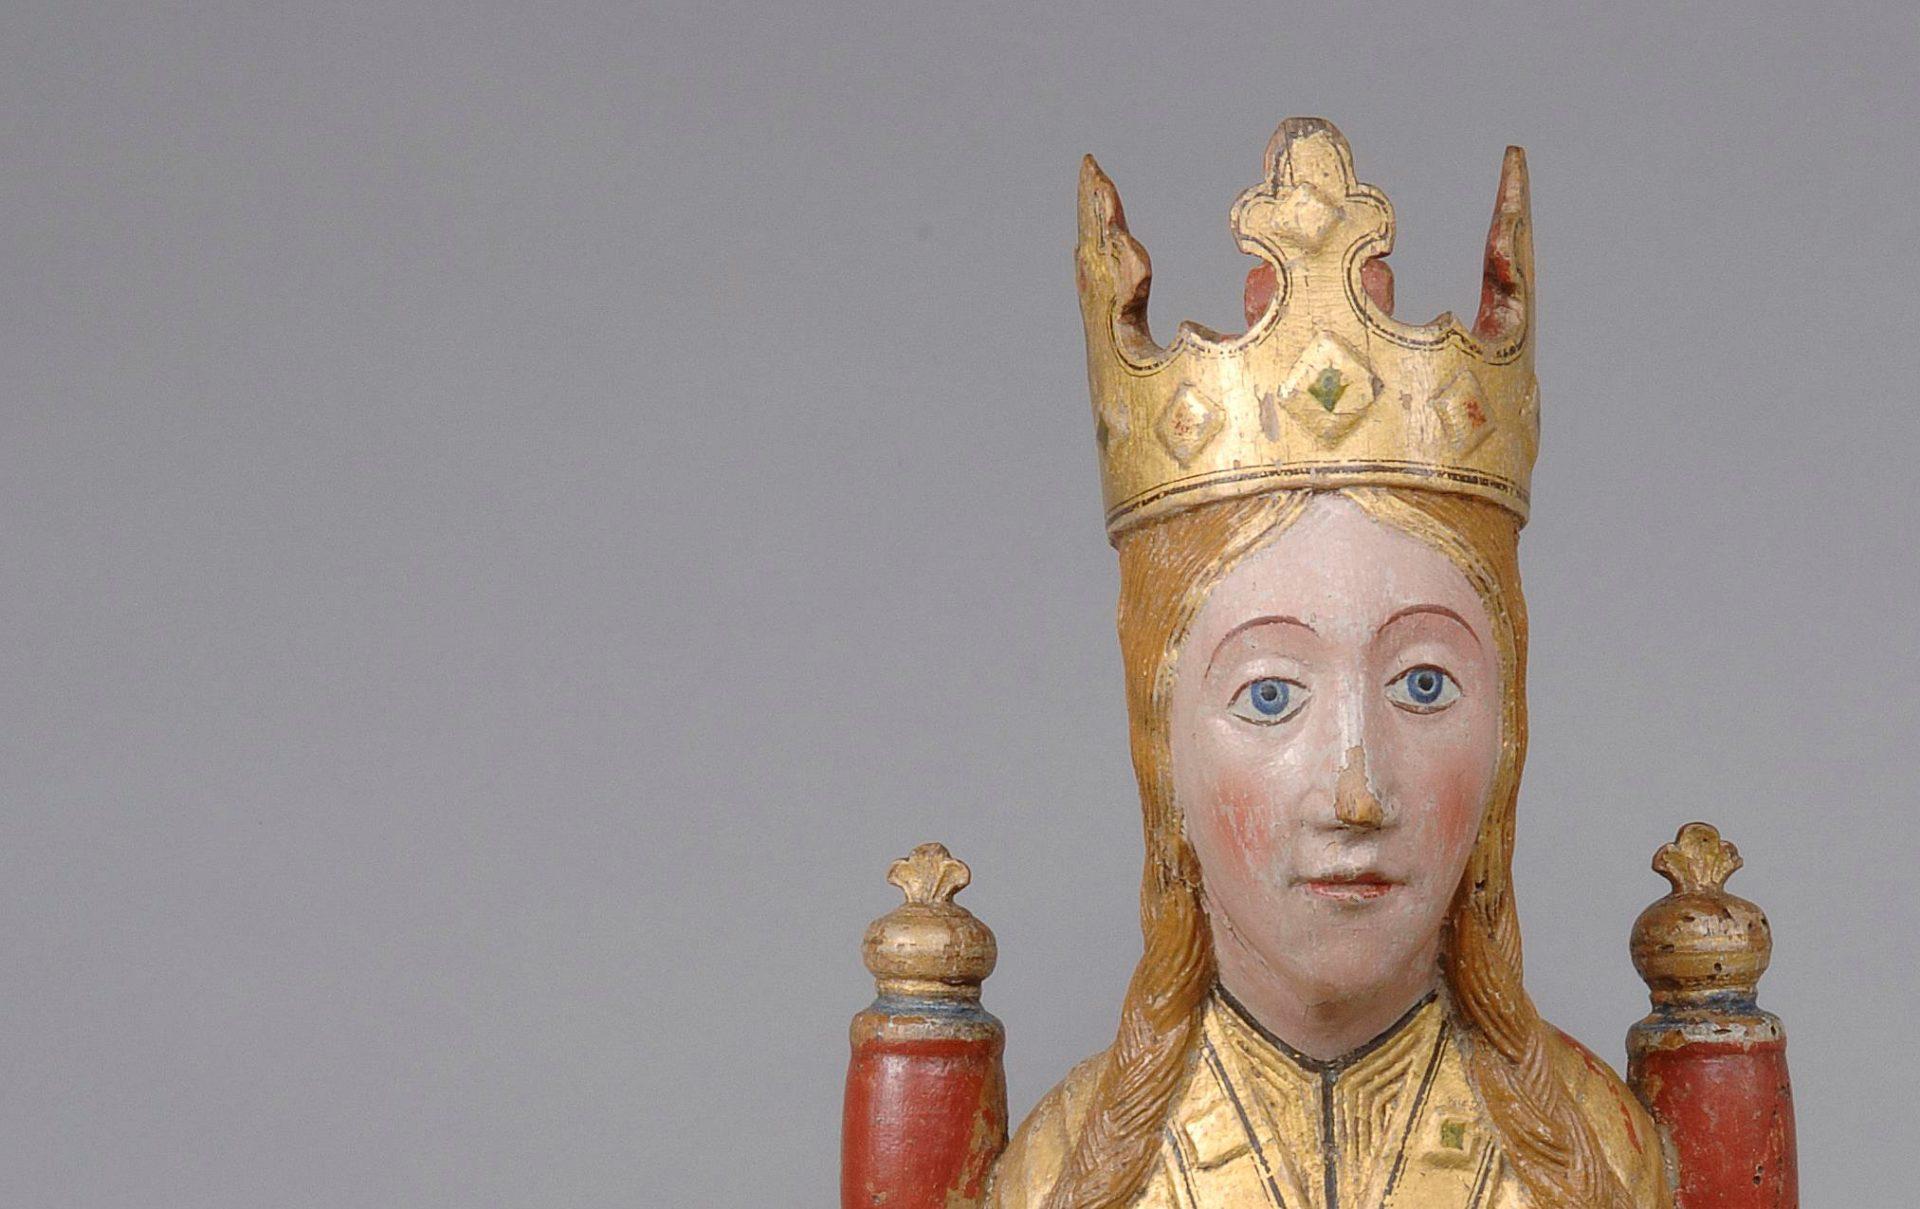 Foto av bysten av en träskulptur som föreställer en madonna med guldkrona. Skulpturen är målad i guld och rött